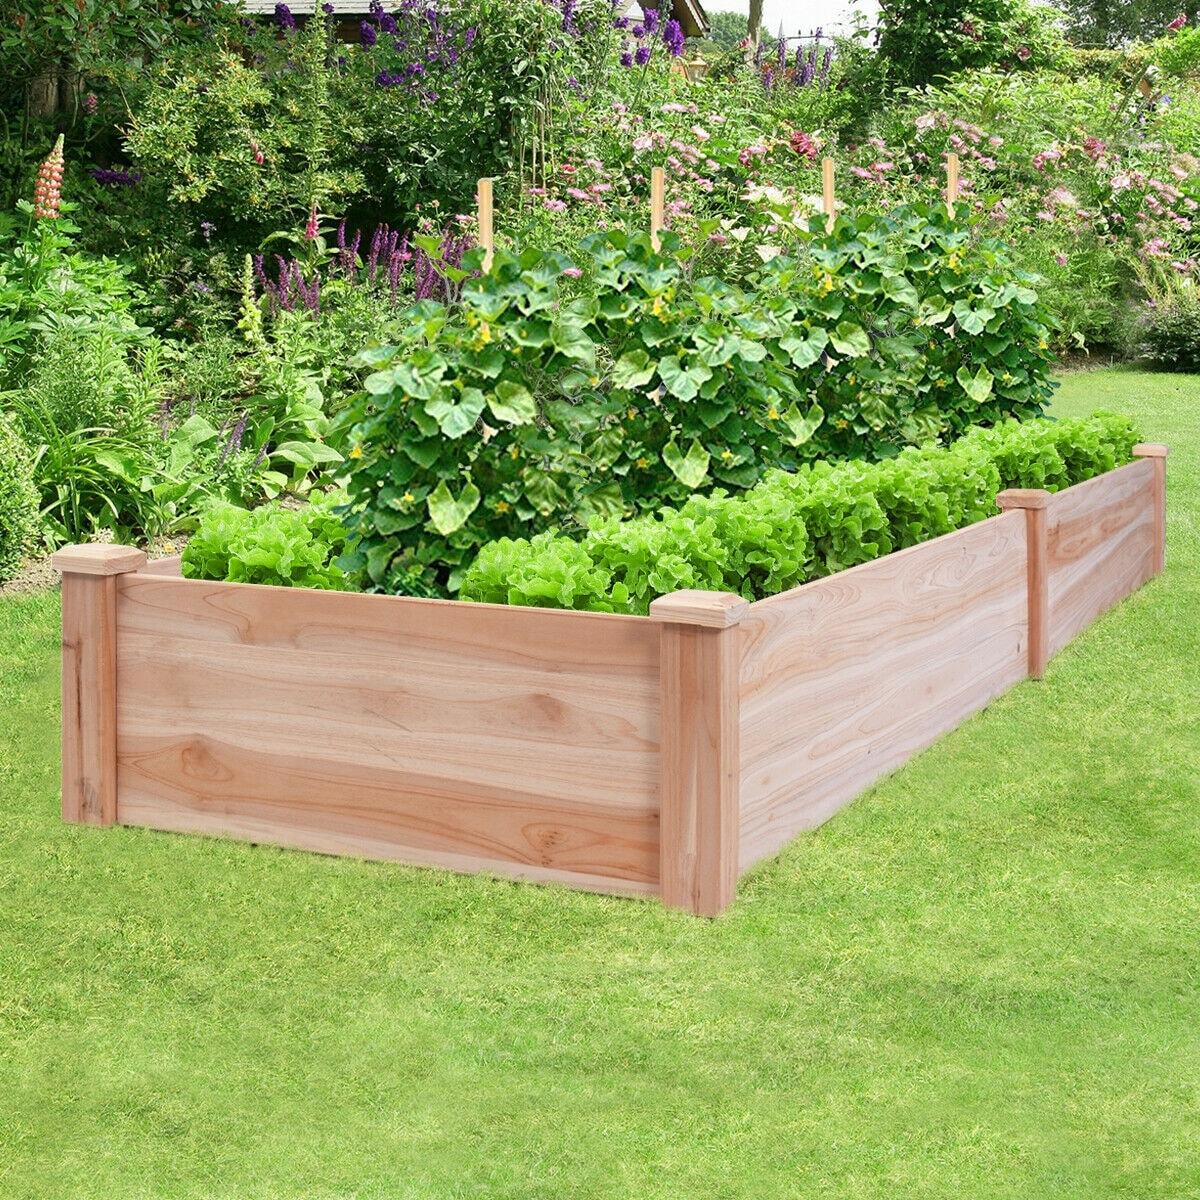 Shop Costway Wooden Vegetable Raised Garden Bed Backyard Patio